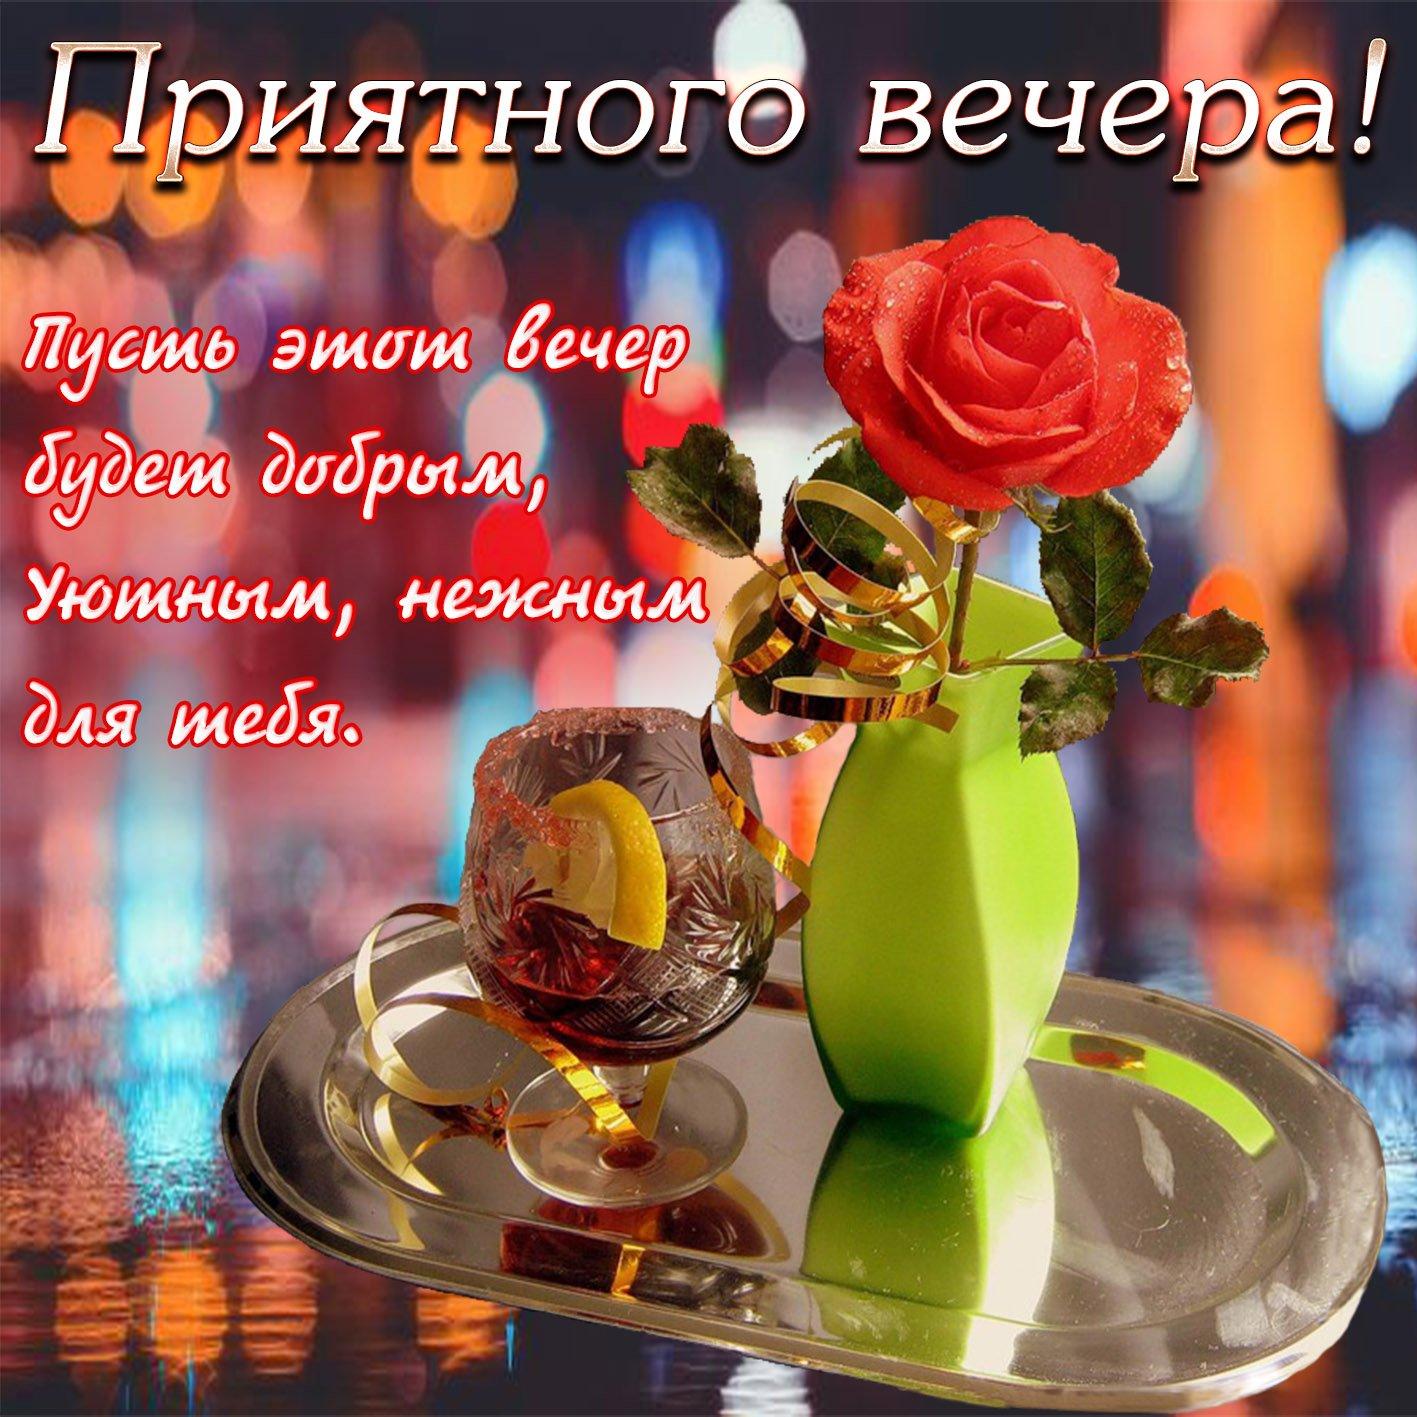 Счастливого вечера открытка